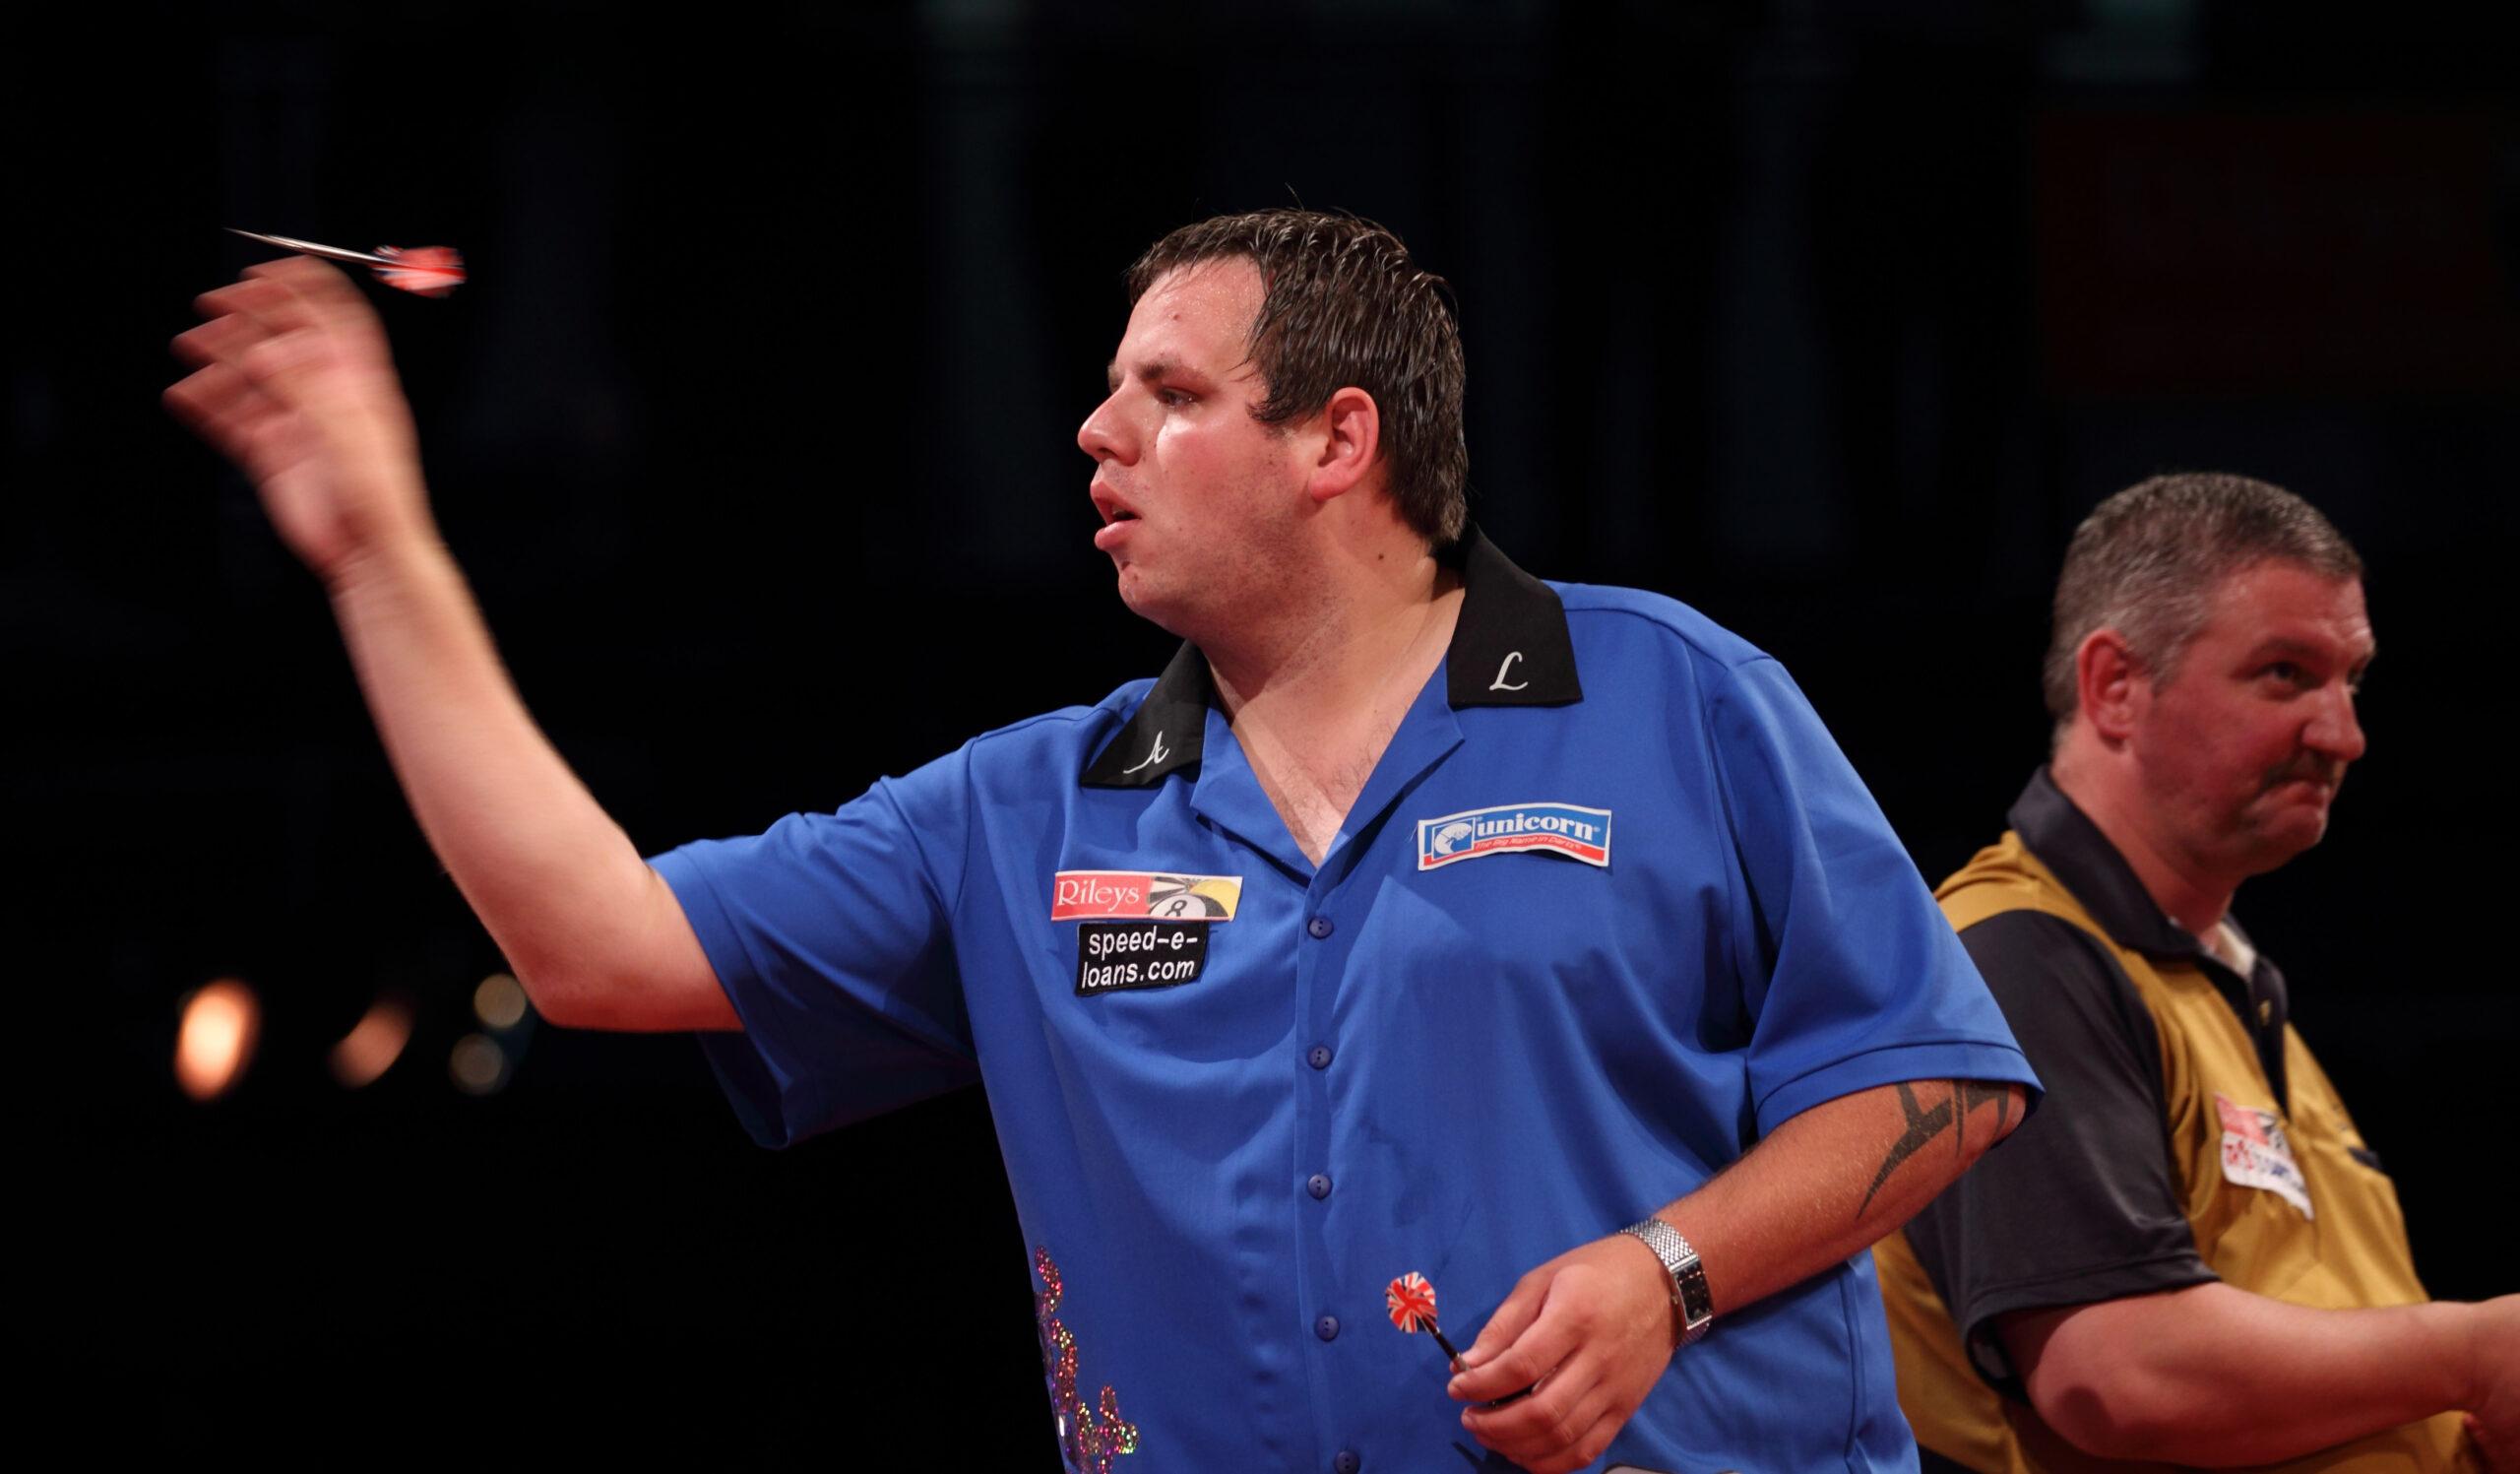 Adrian Lewis throwing darts